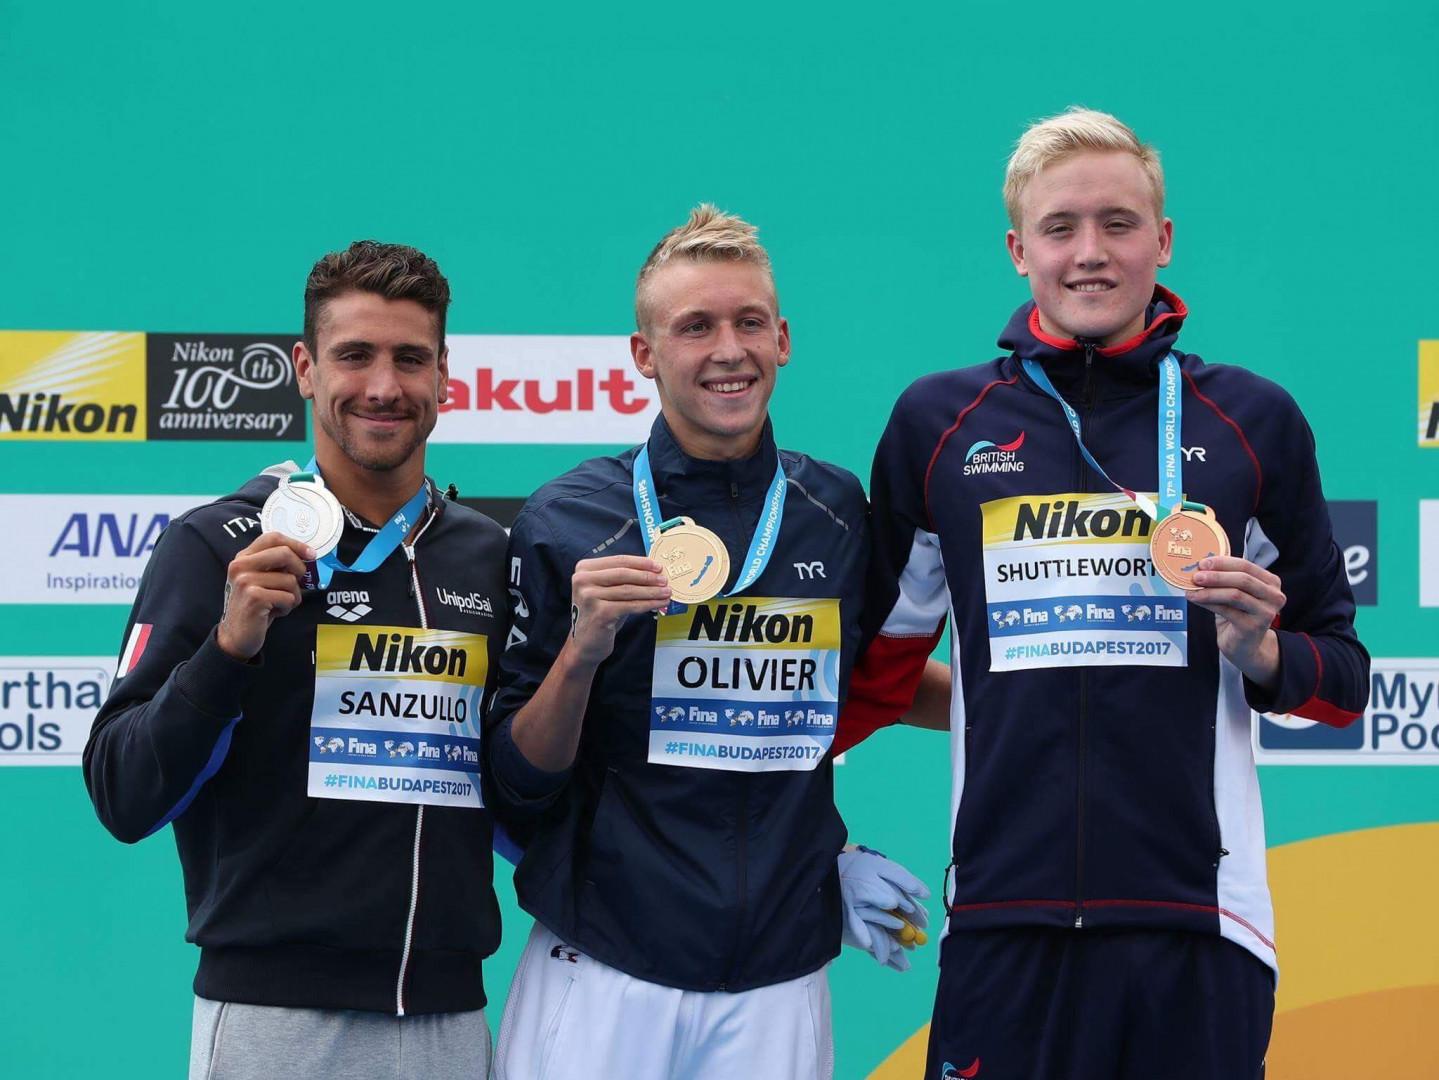 Marc-Antoine champion du monde du 5 km en eau libre en juillet 2017 à Budapest